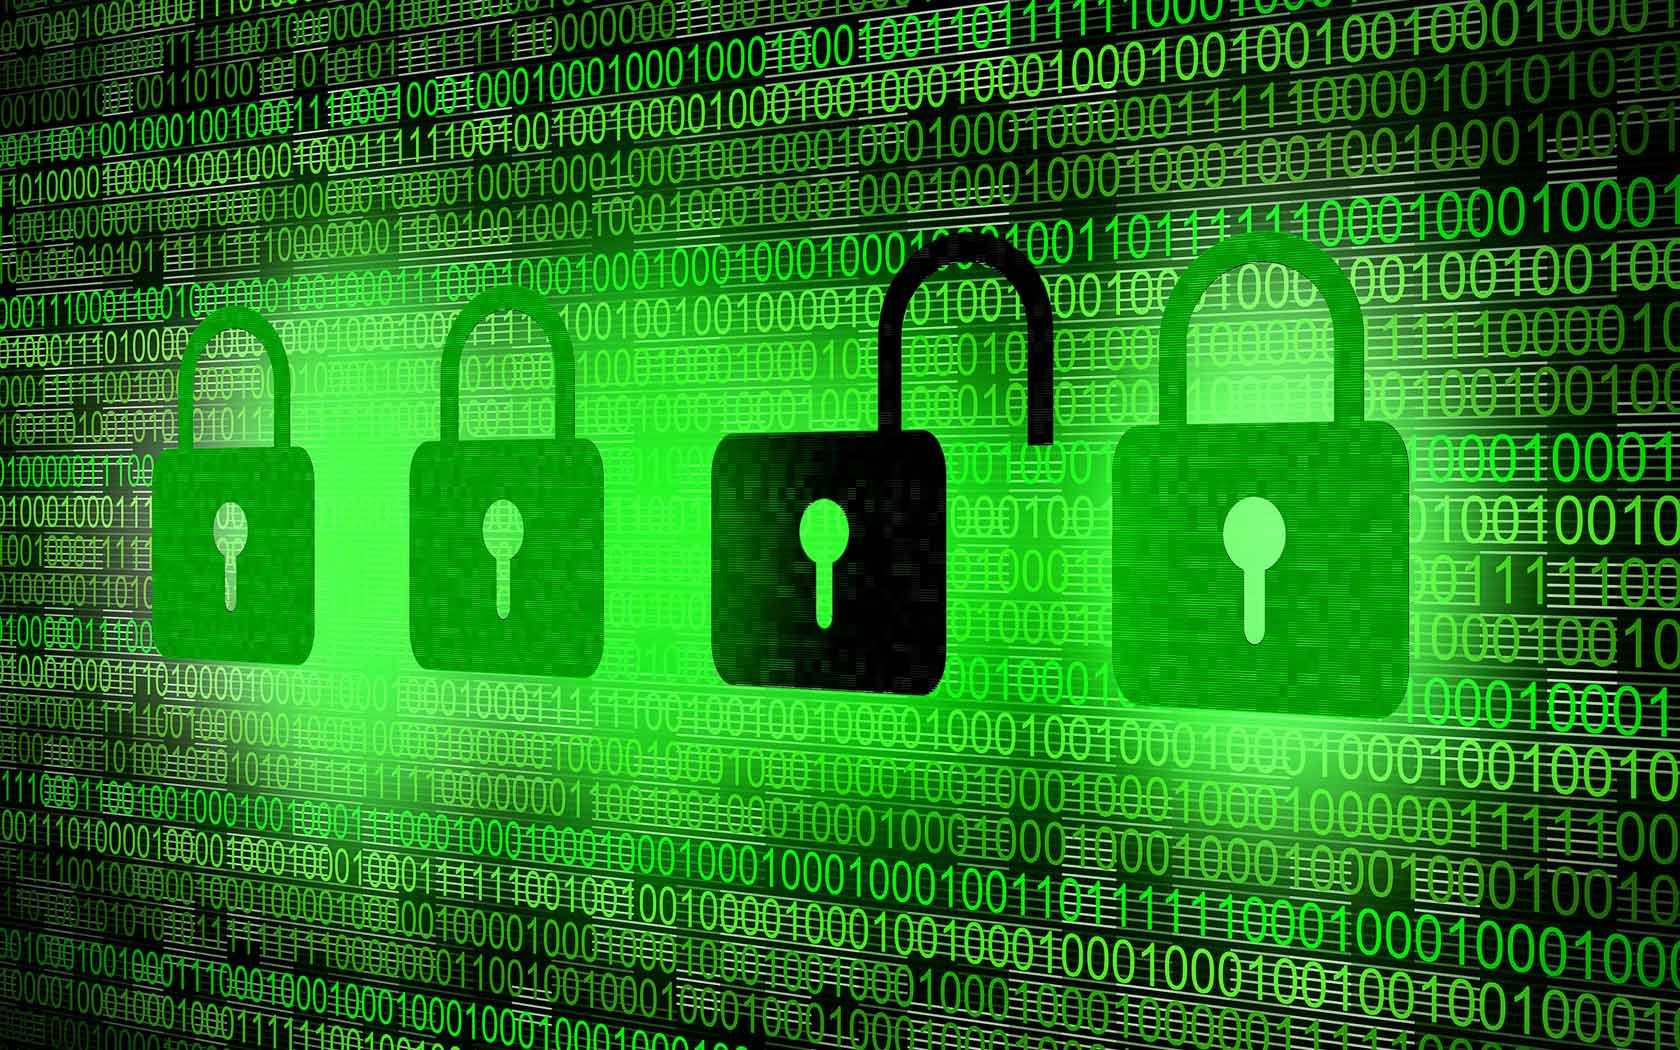 la seguridad es un tema muy importante en todo lo relacionado a la web, wordpress no es menos. Mundo Framework